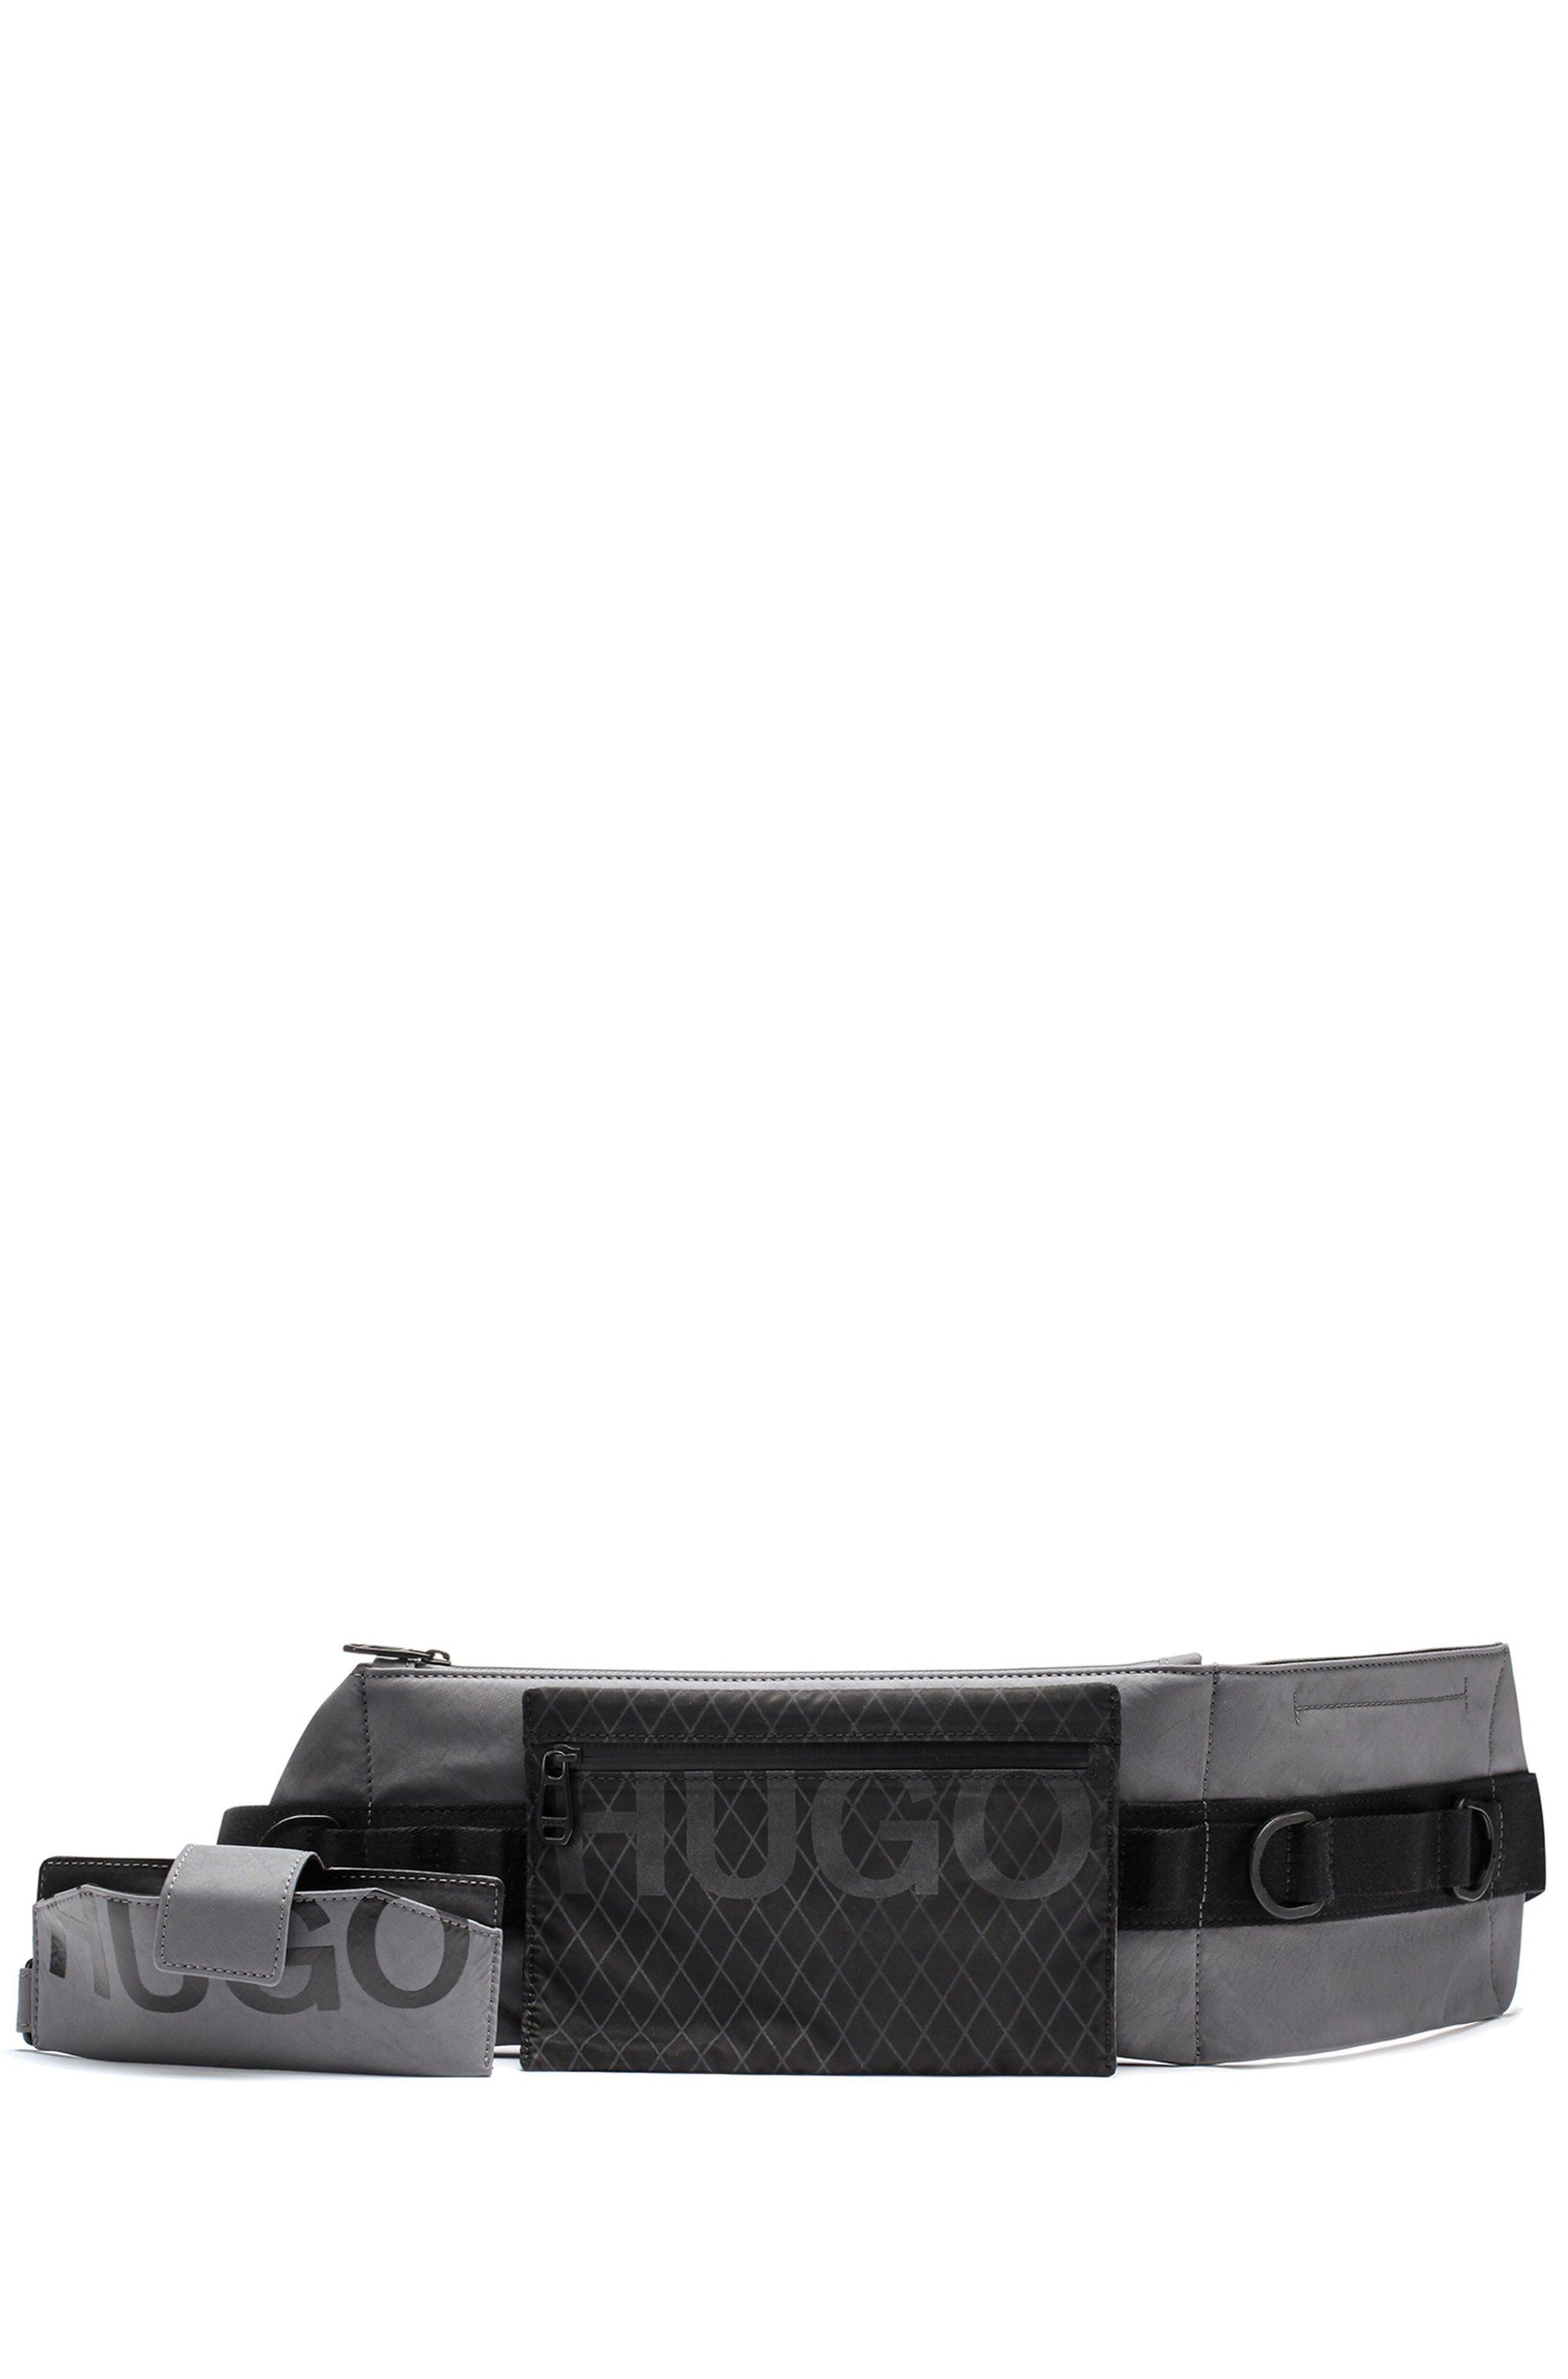 Adjustable belt bag with detachable pochette and logo details, Dark Grey